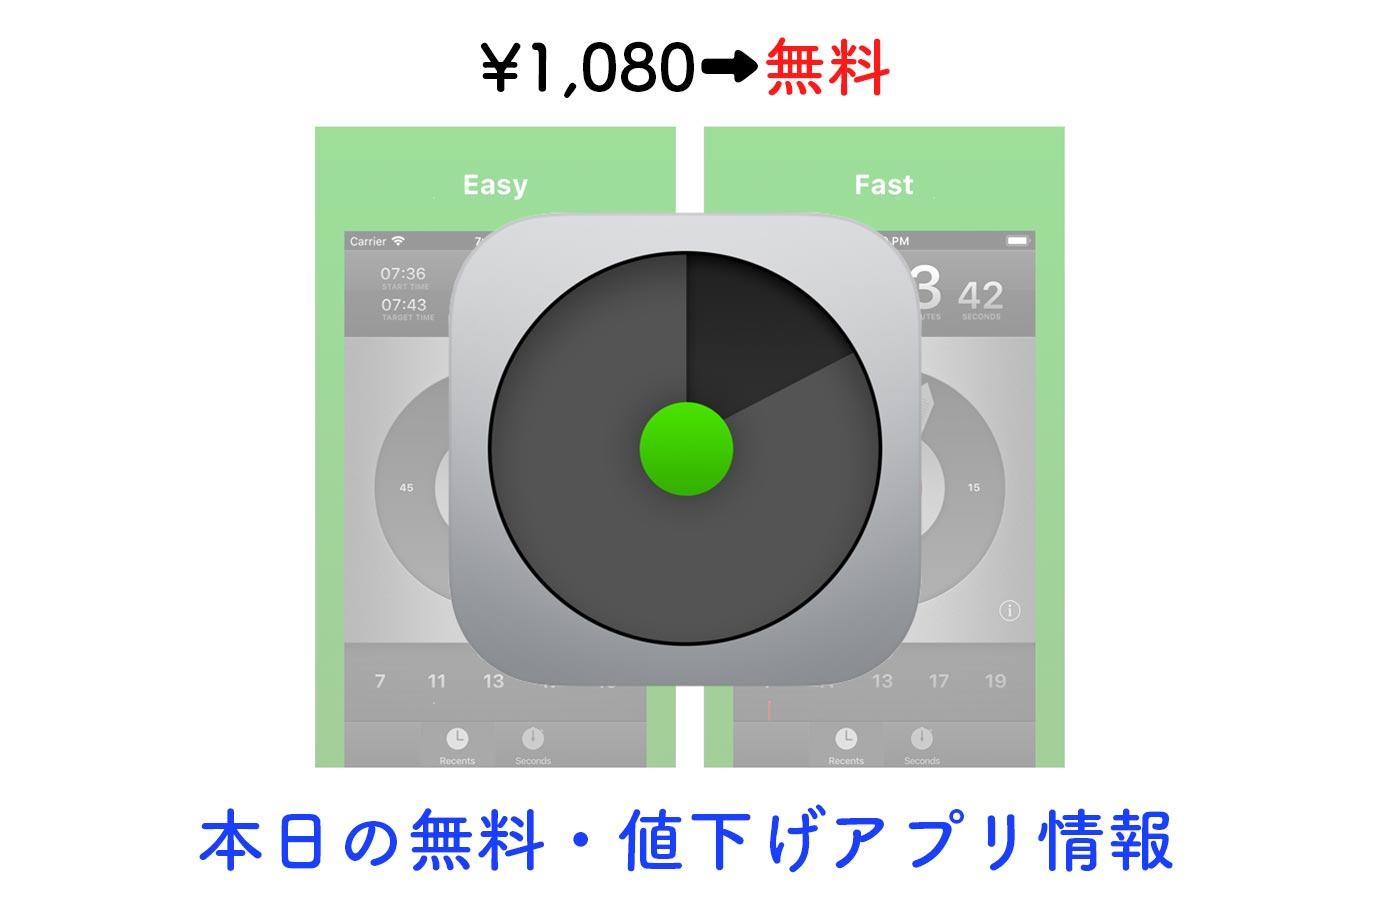 ¥1,080→無料、クルクル回してタイマーを簡単にセットできる「Pronto — Timer App」など【10/24】本日の無料・値下げアプリ情報